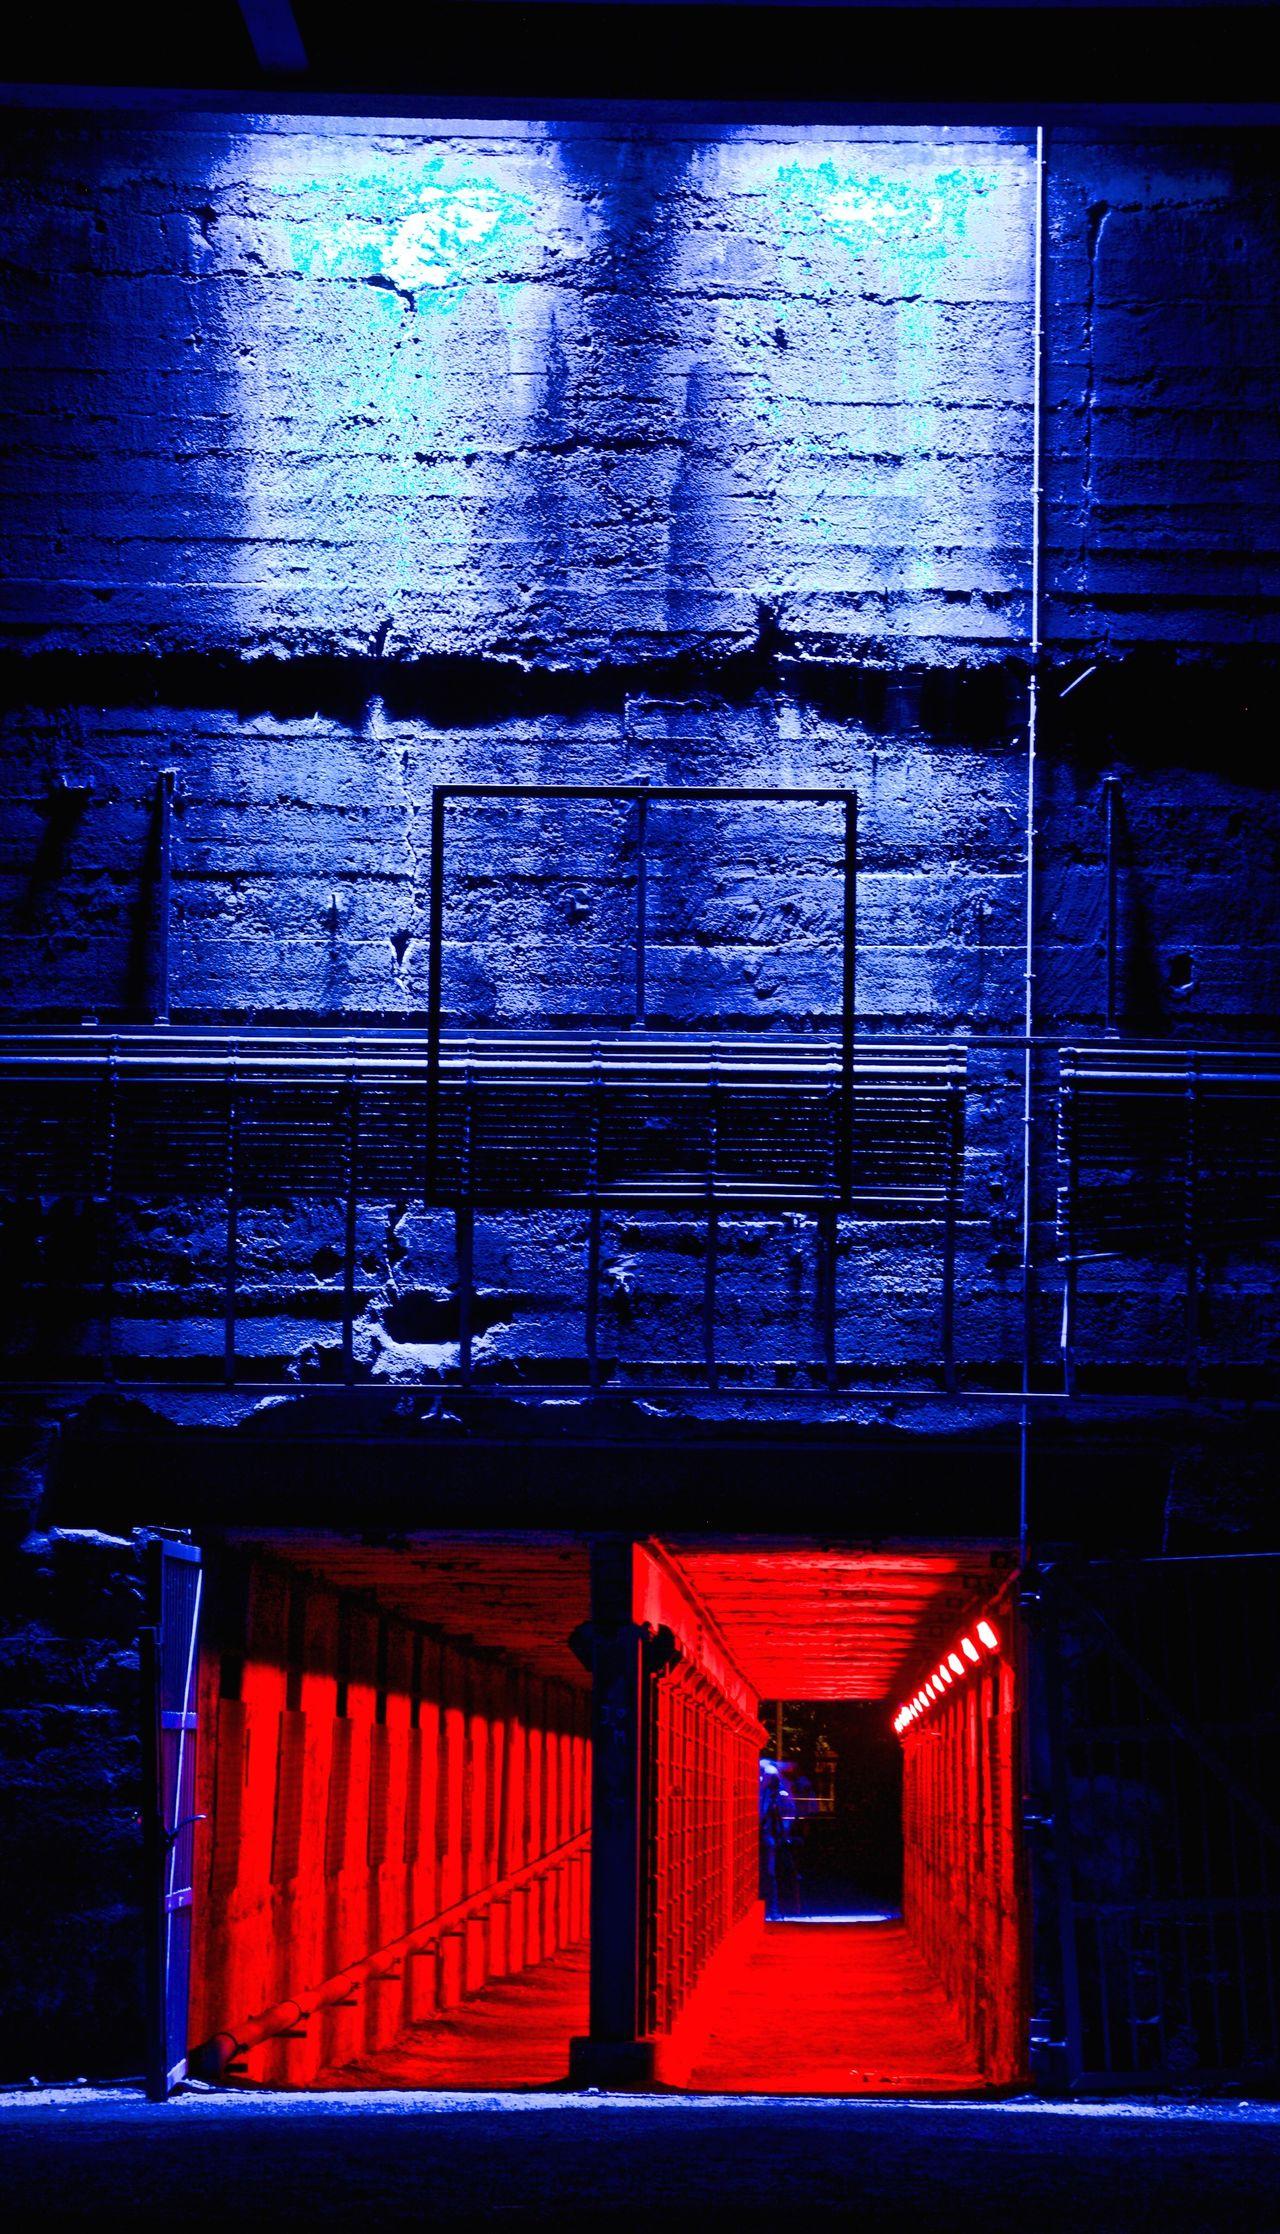 Duisburg Nightshot Red & Blue